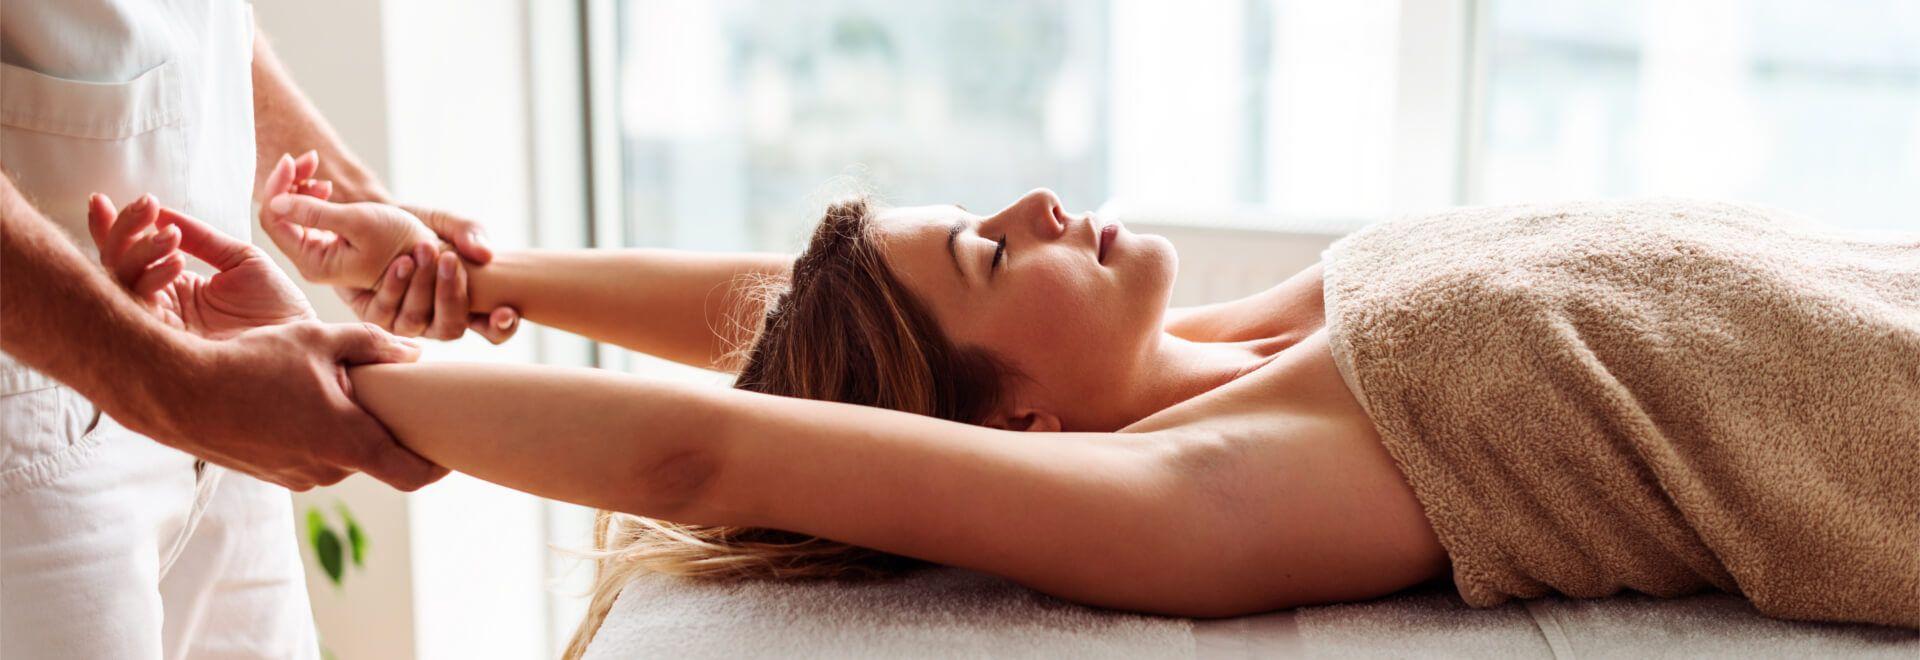 die Arm-und Handmassage aus der Rückenlage erproben